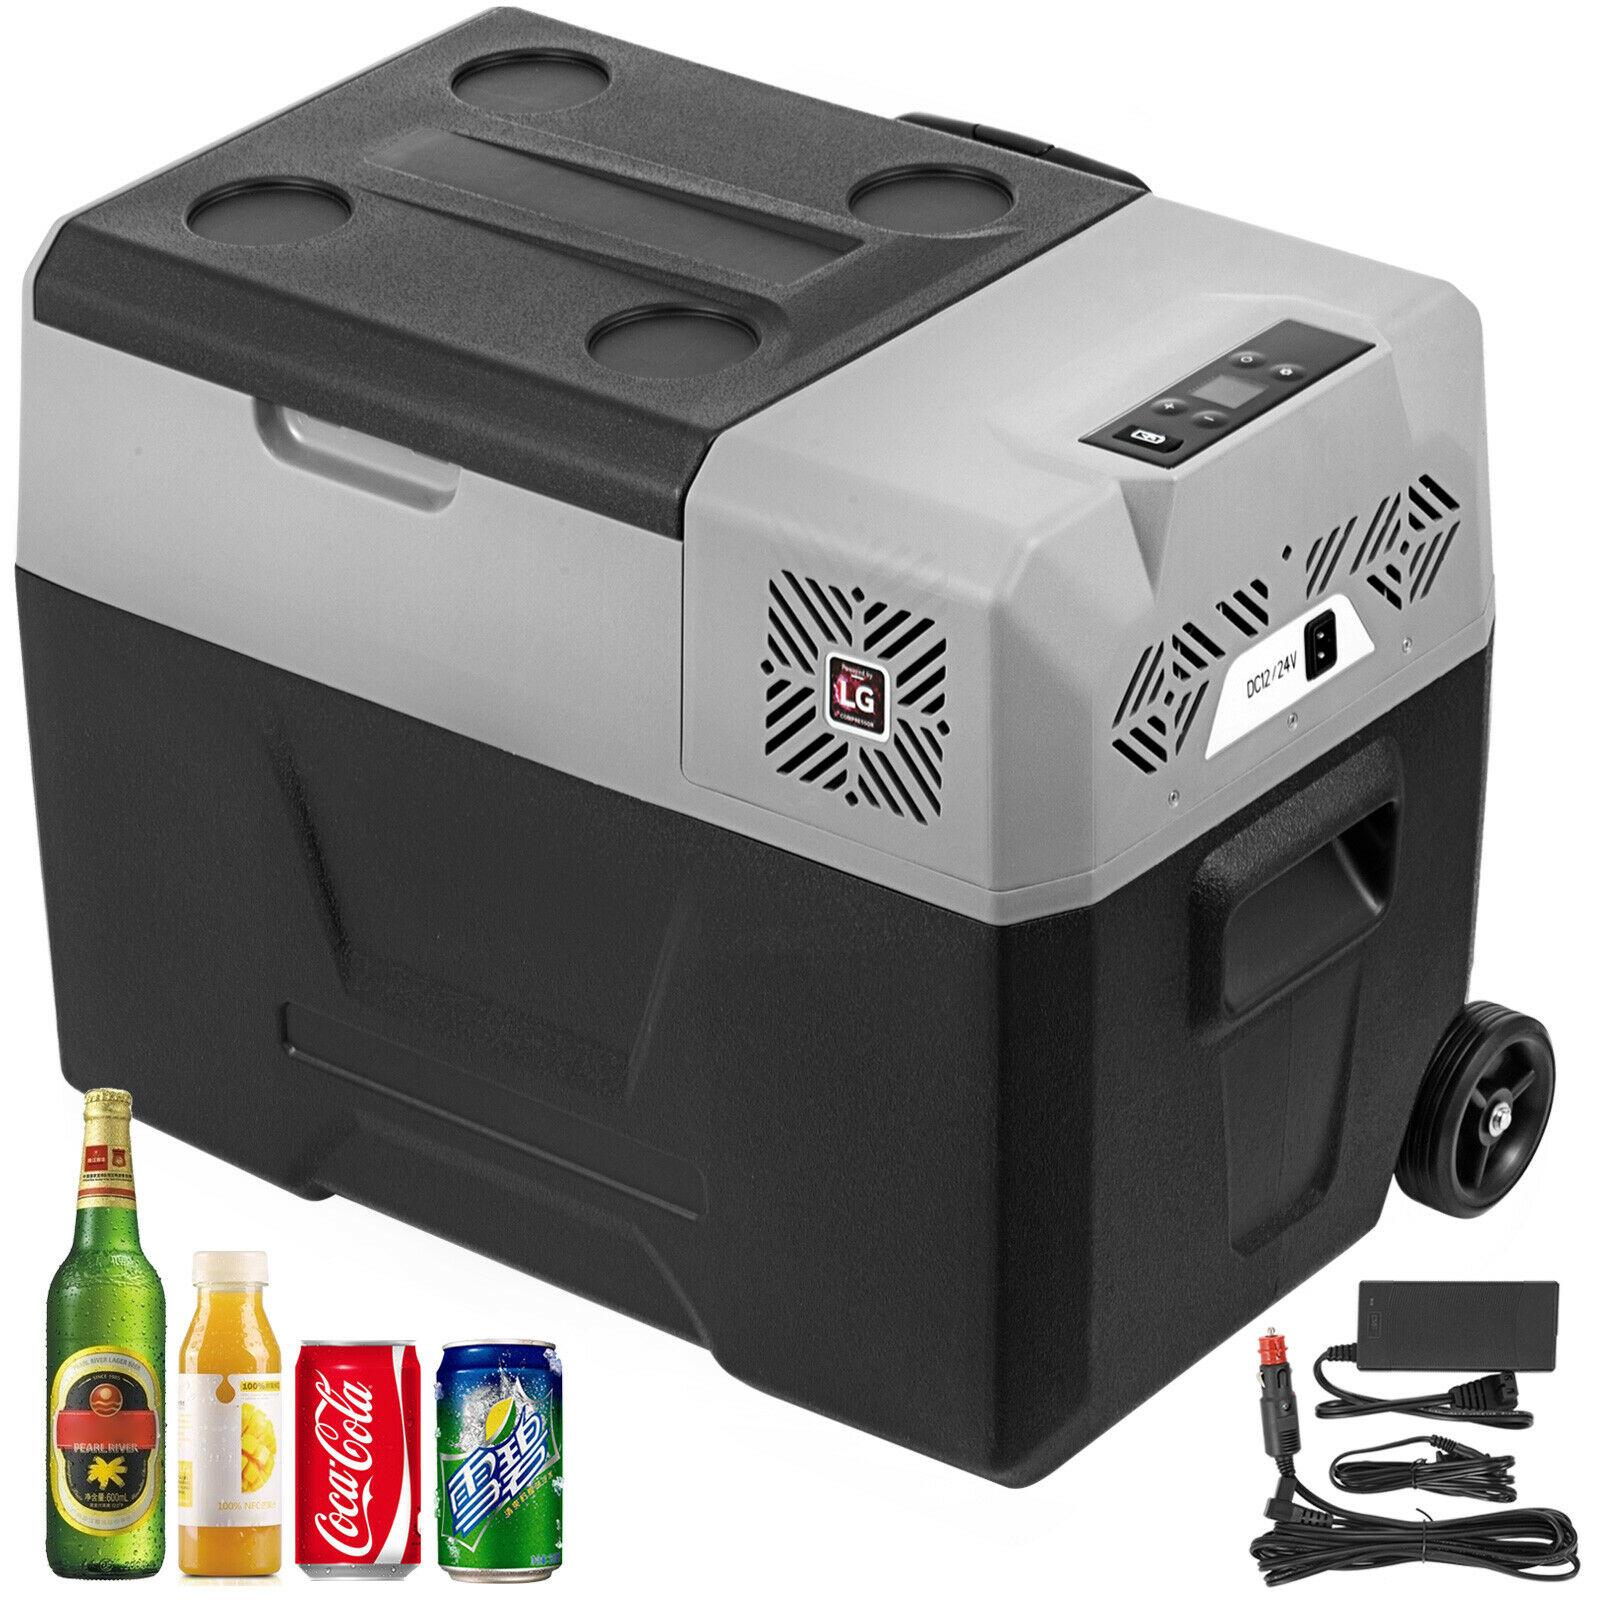 Compressor Portable Small Refrigerator Cooler Freezer Home And Car Vehicular